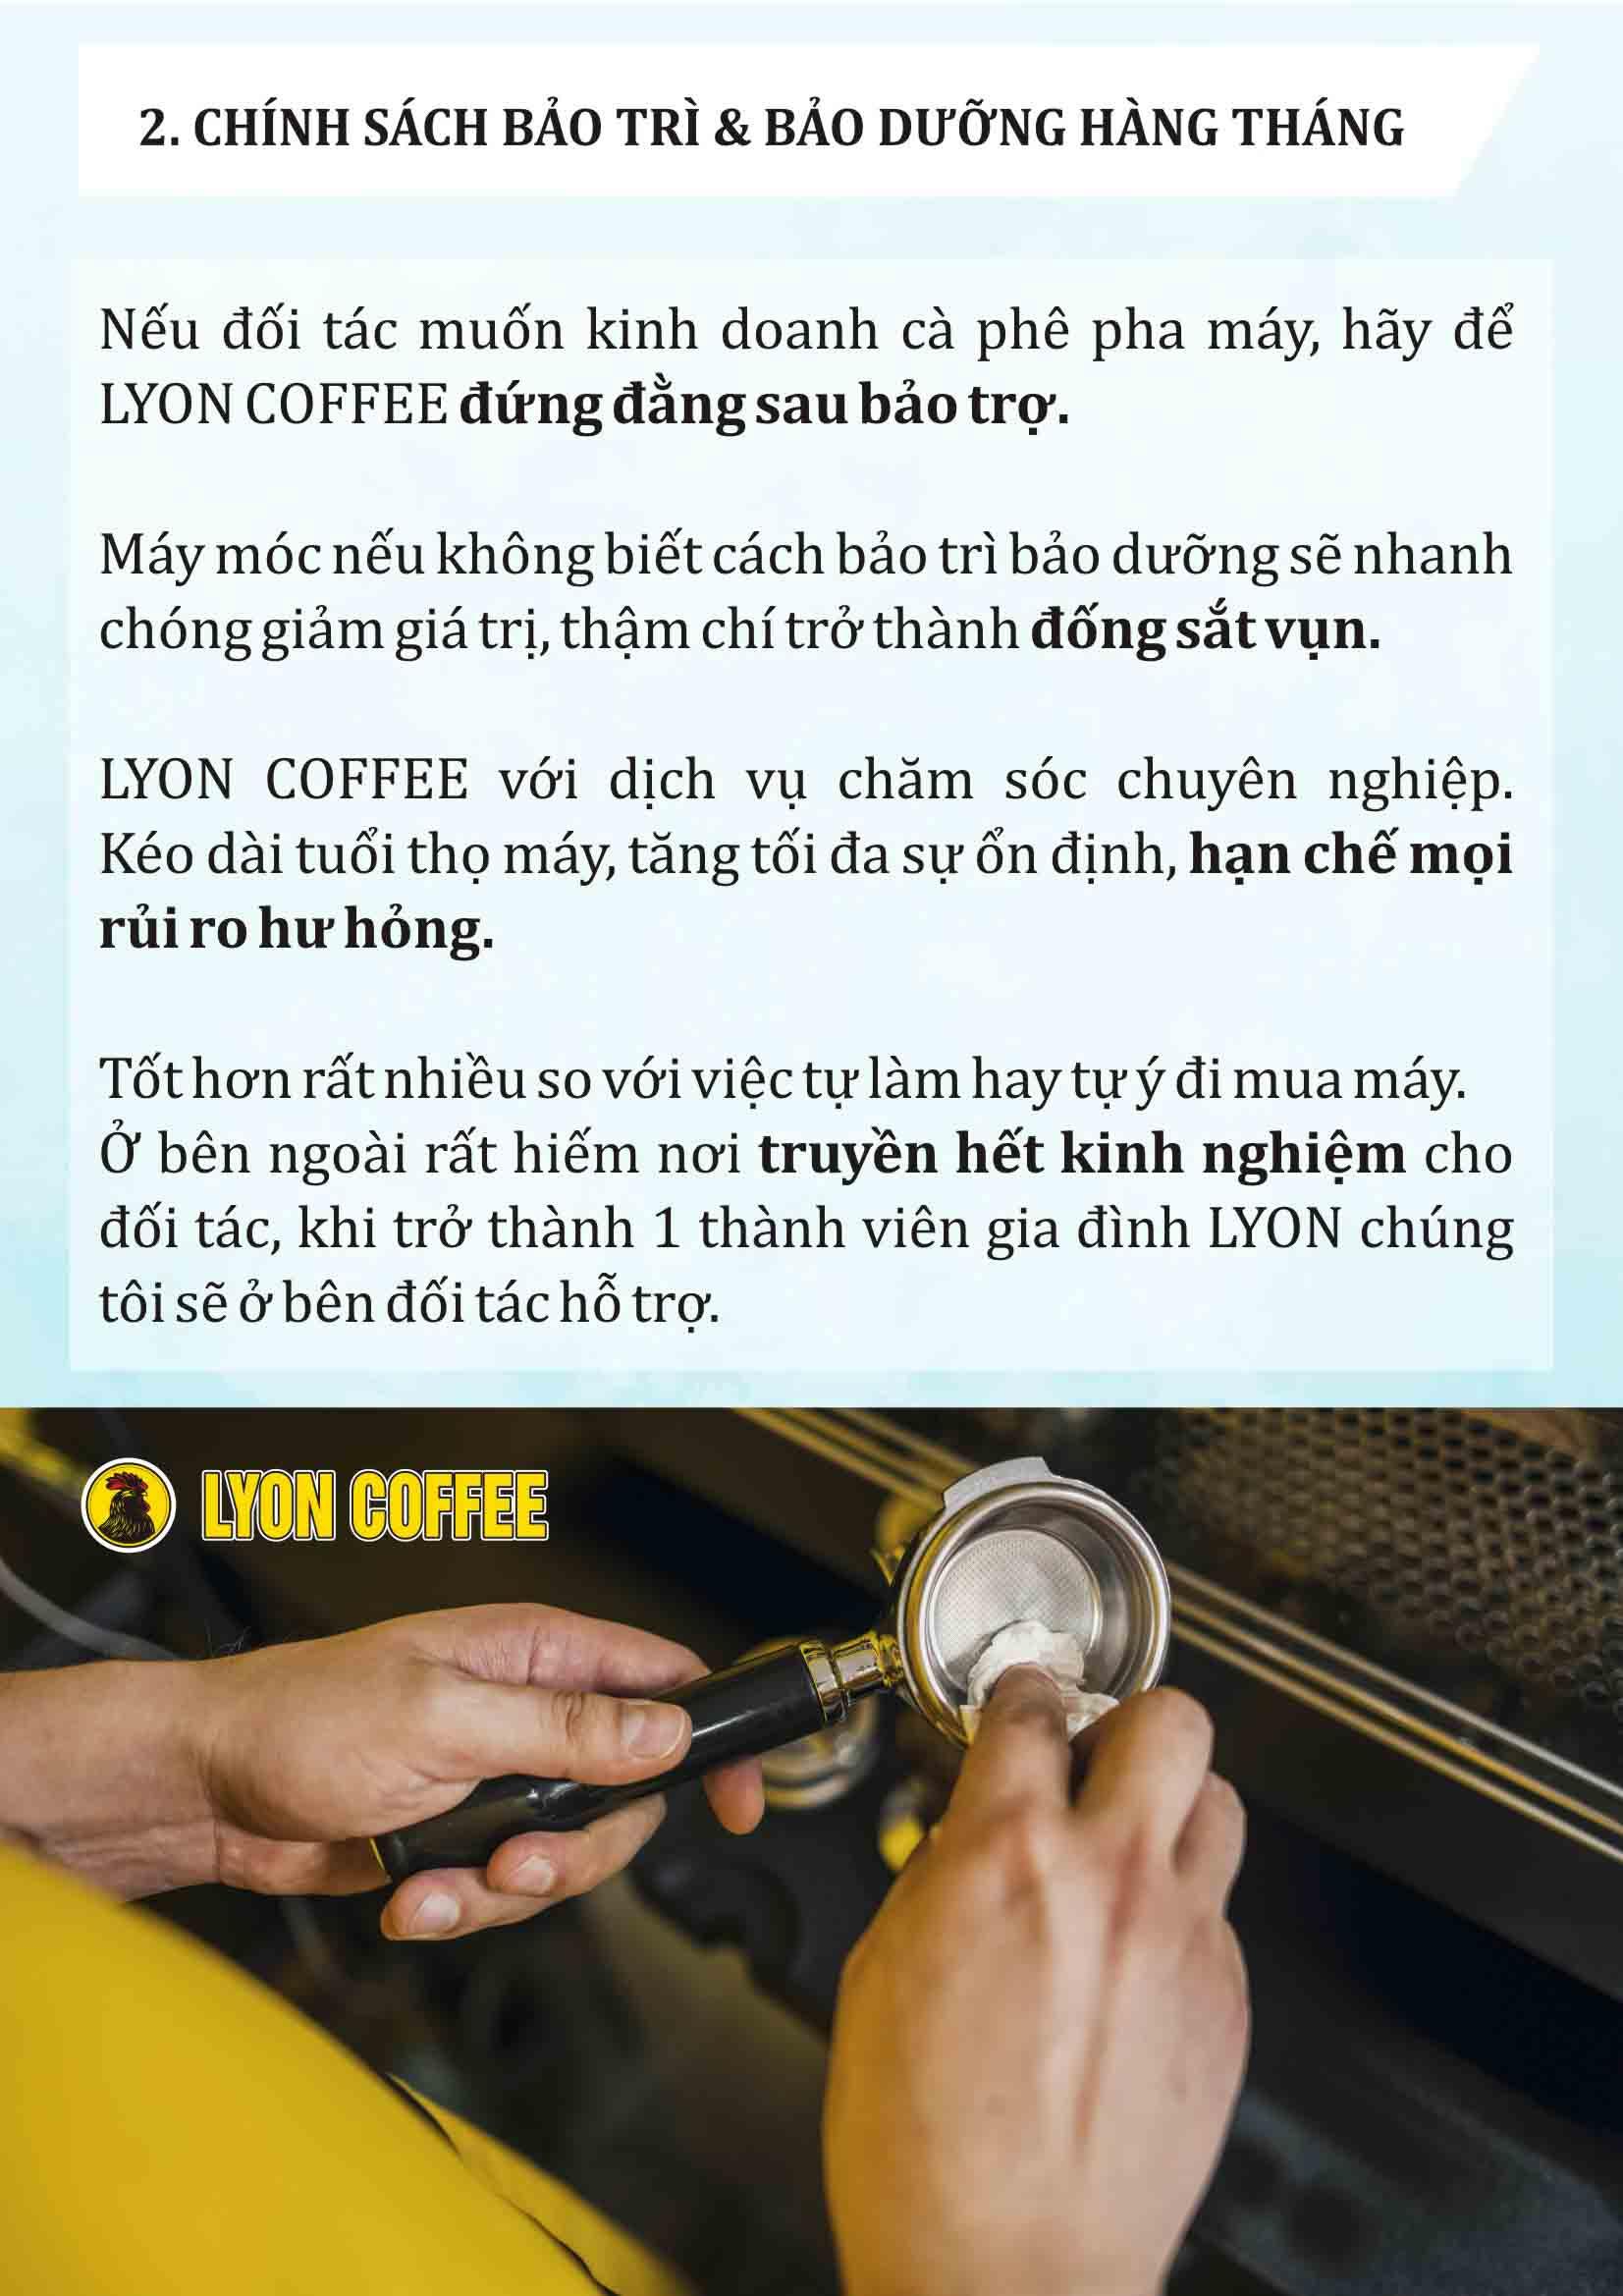 Chính sách bảo hành, bảo trì dài lâu tuyệt vời từ Lyon Coffee